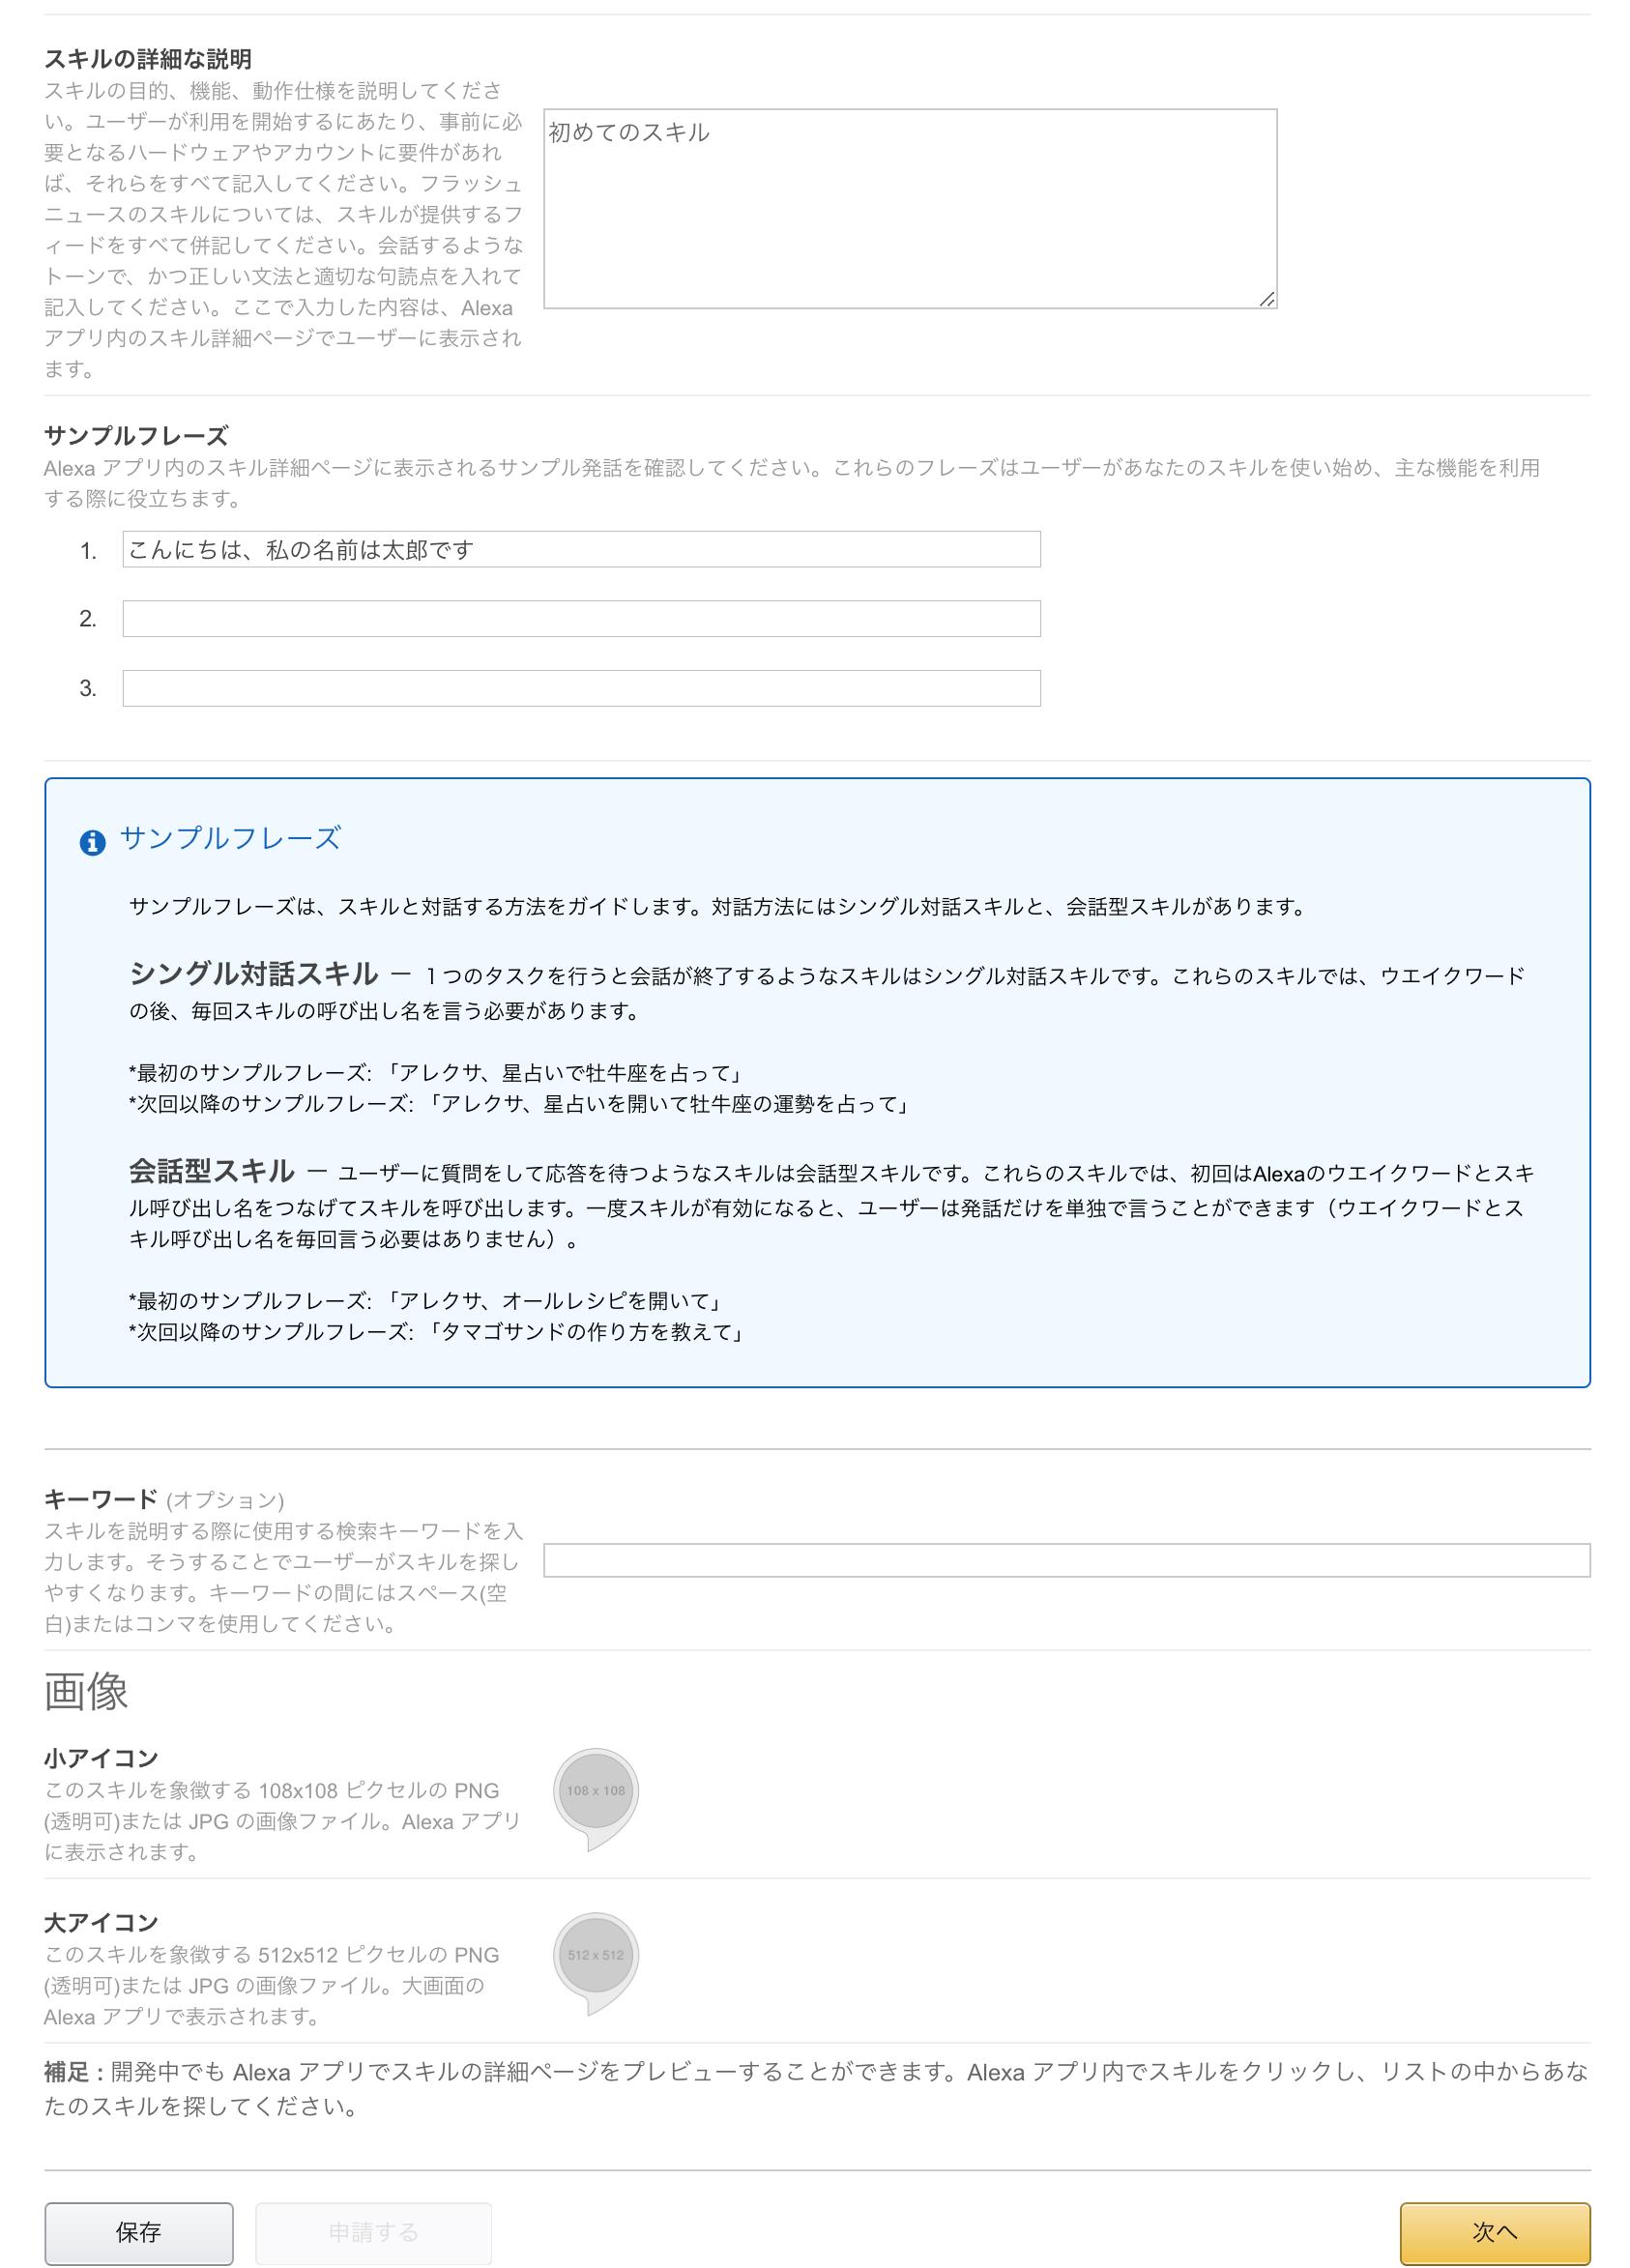 スクリーンショット 2017-11-19 16.01.53.png